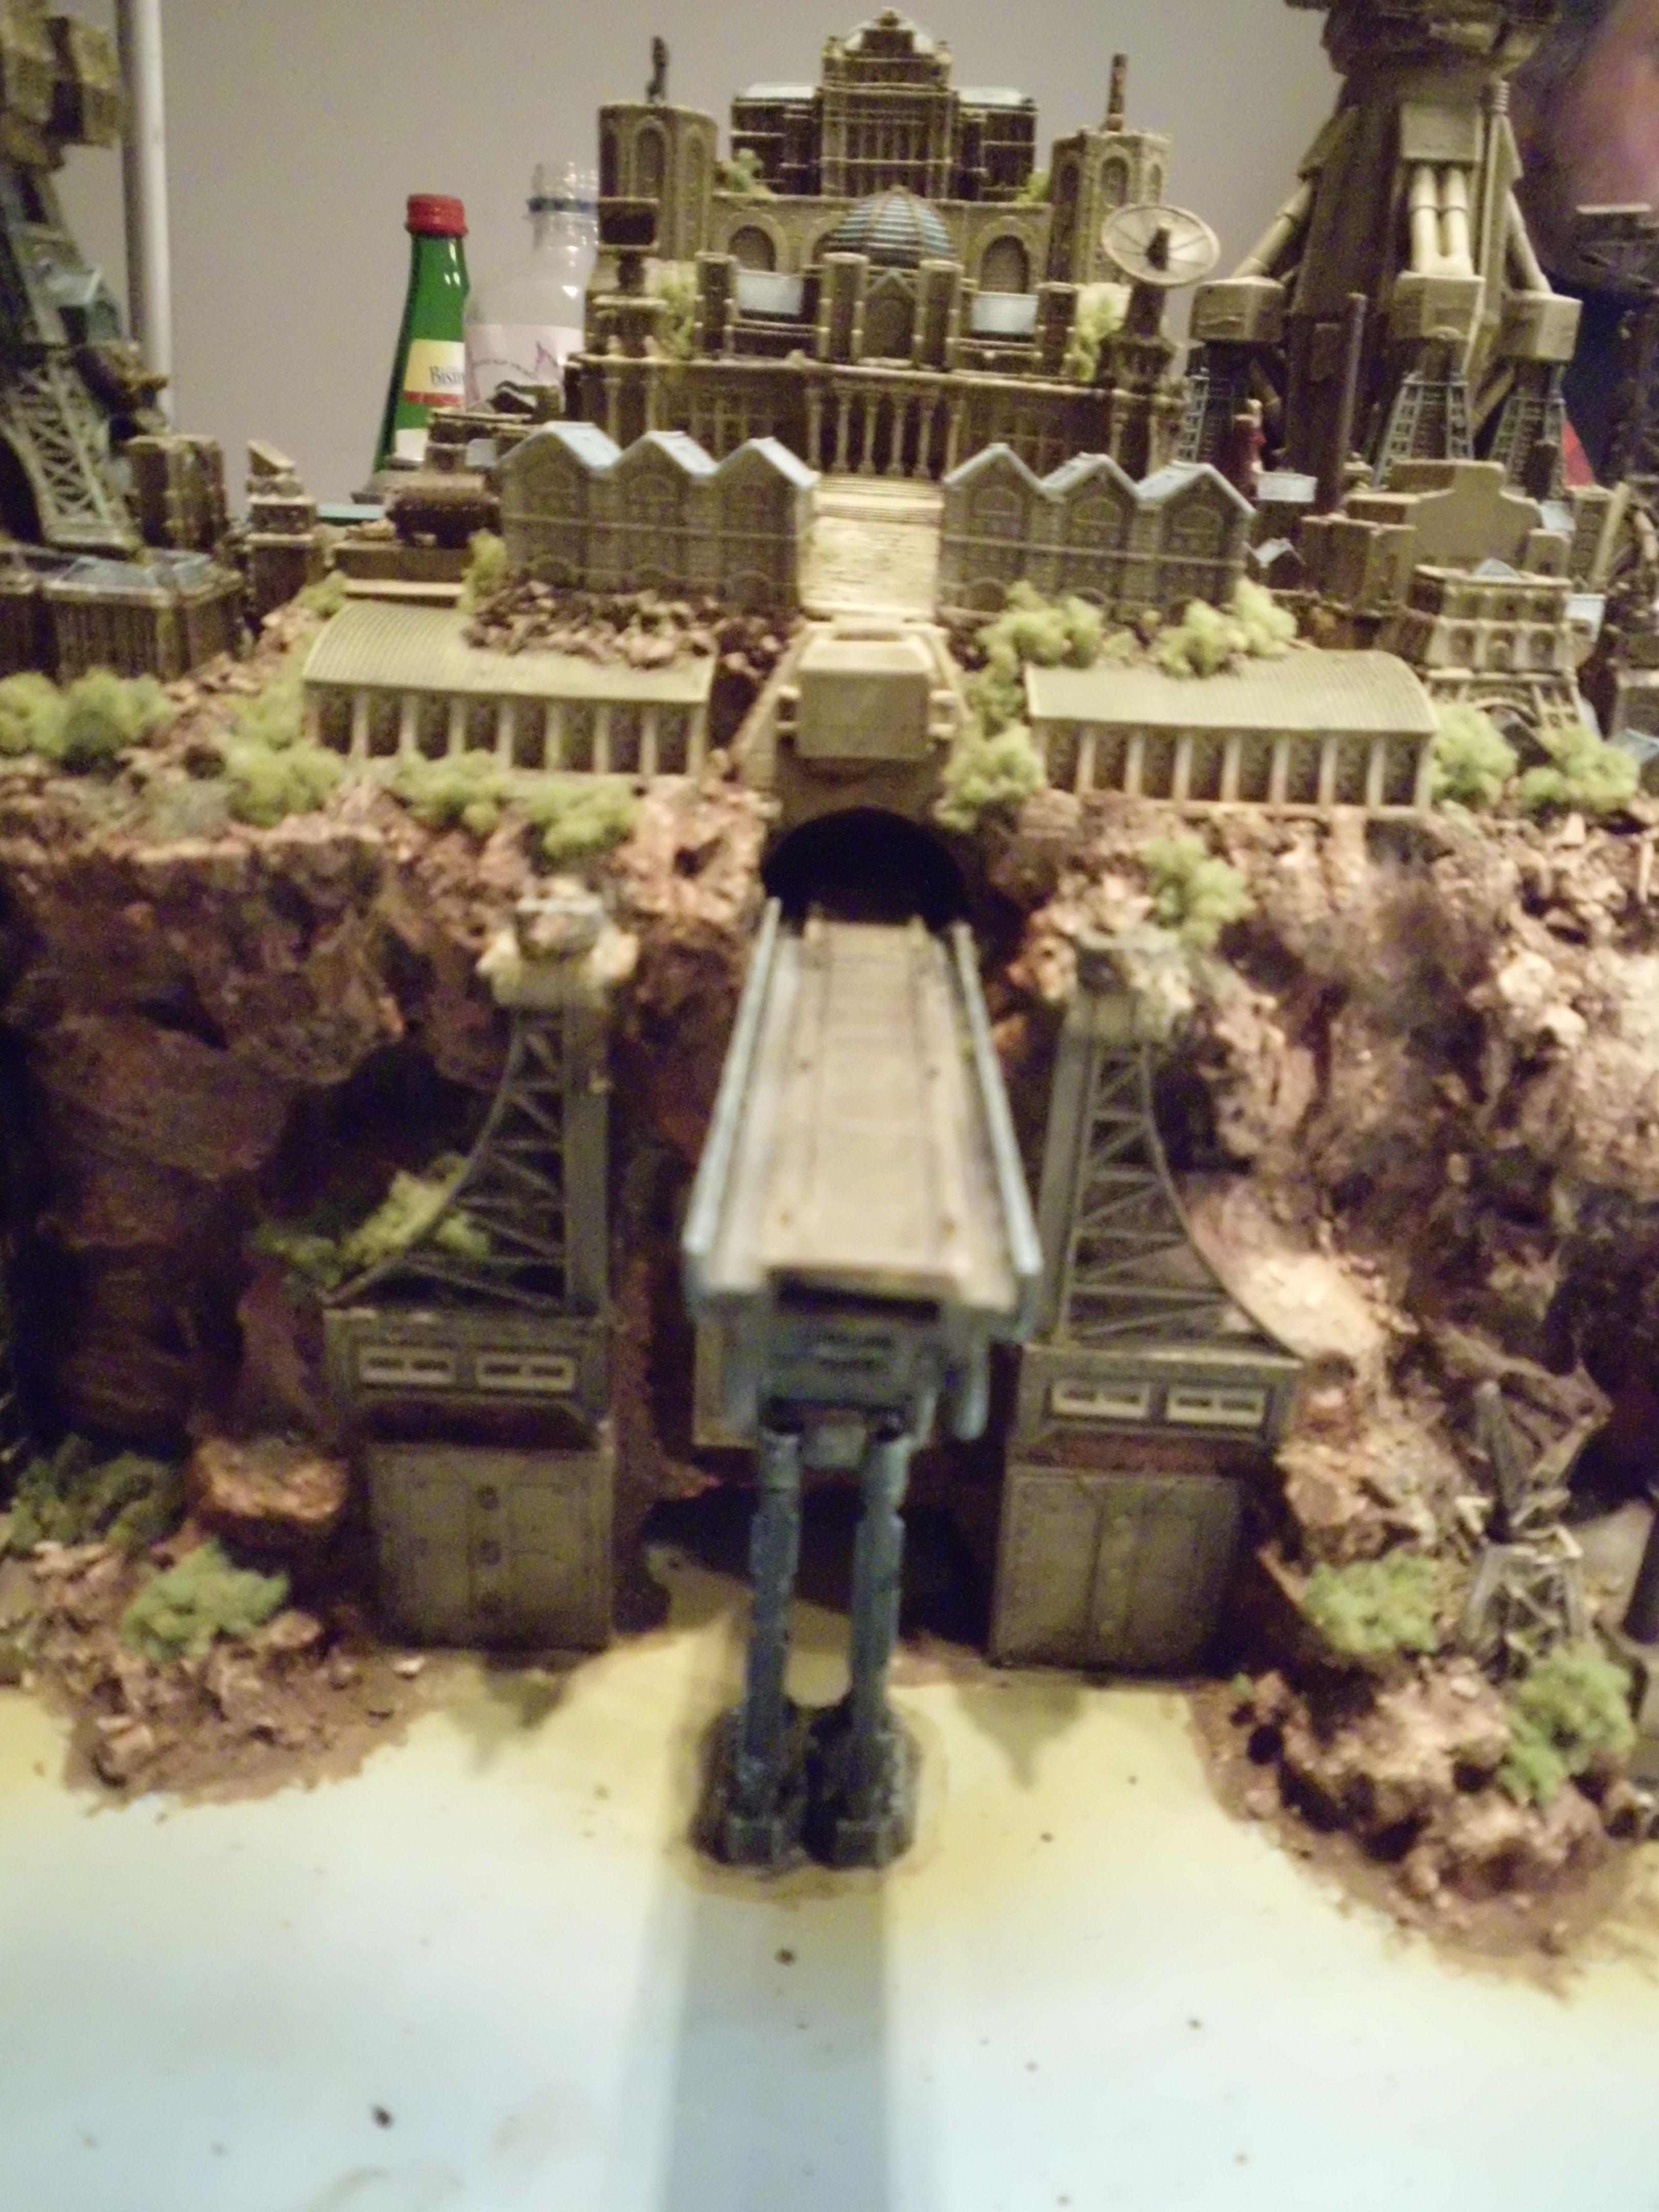 1 1200 Scale Dystopian Wars Board In Hamburg Germany Modell Bau Modellbau